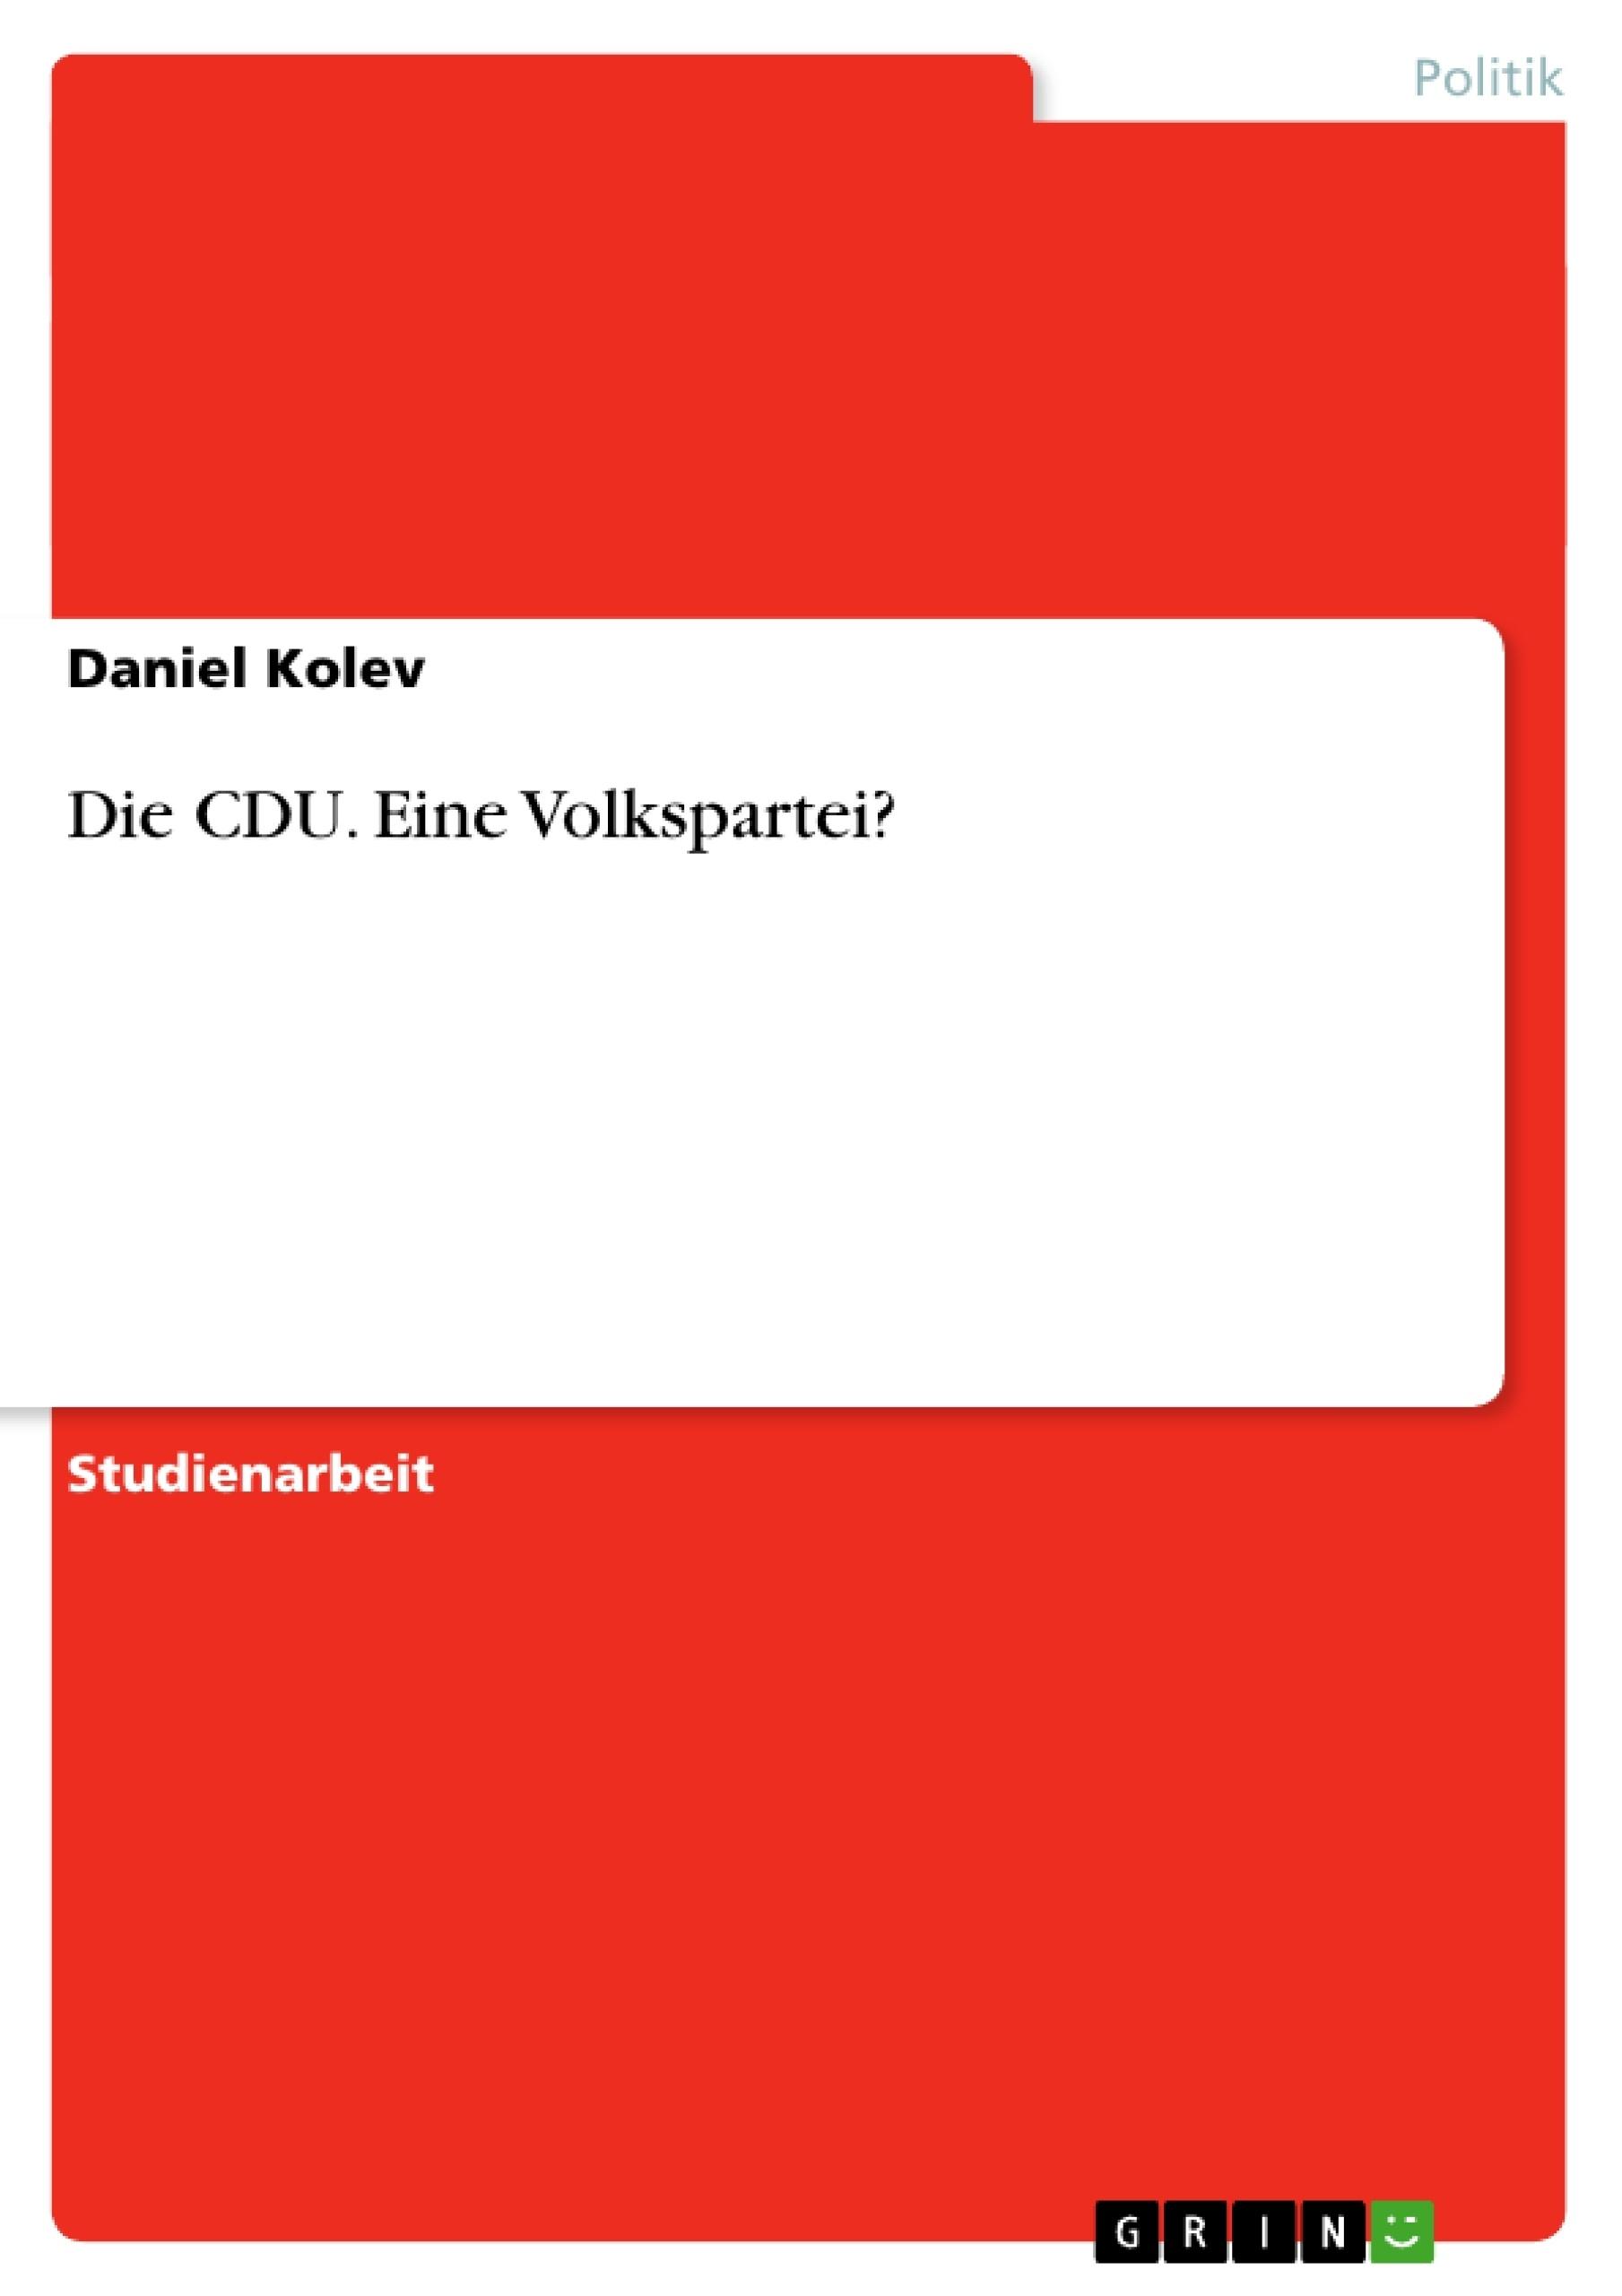 Titel: Die CDU. Eine Volkspartei?